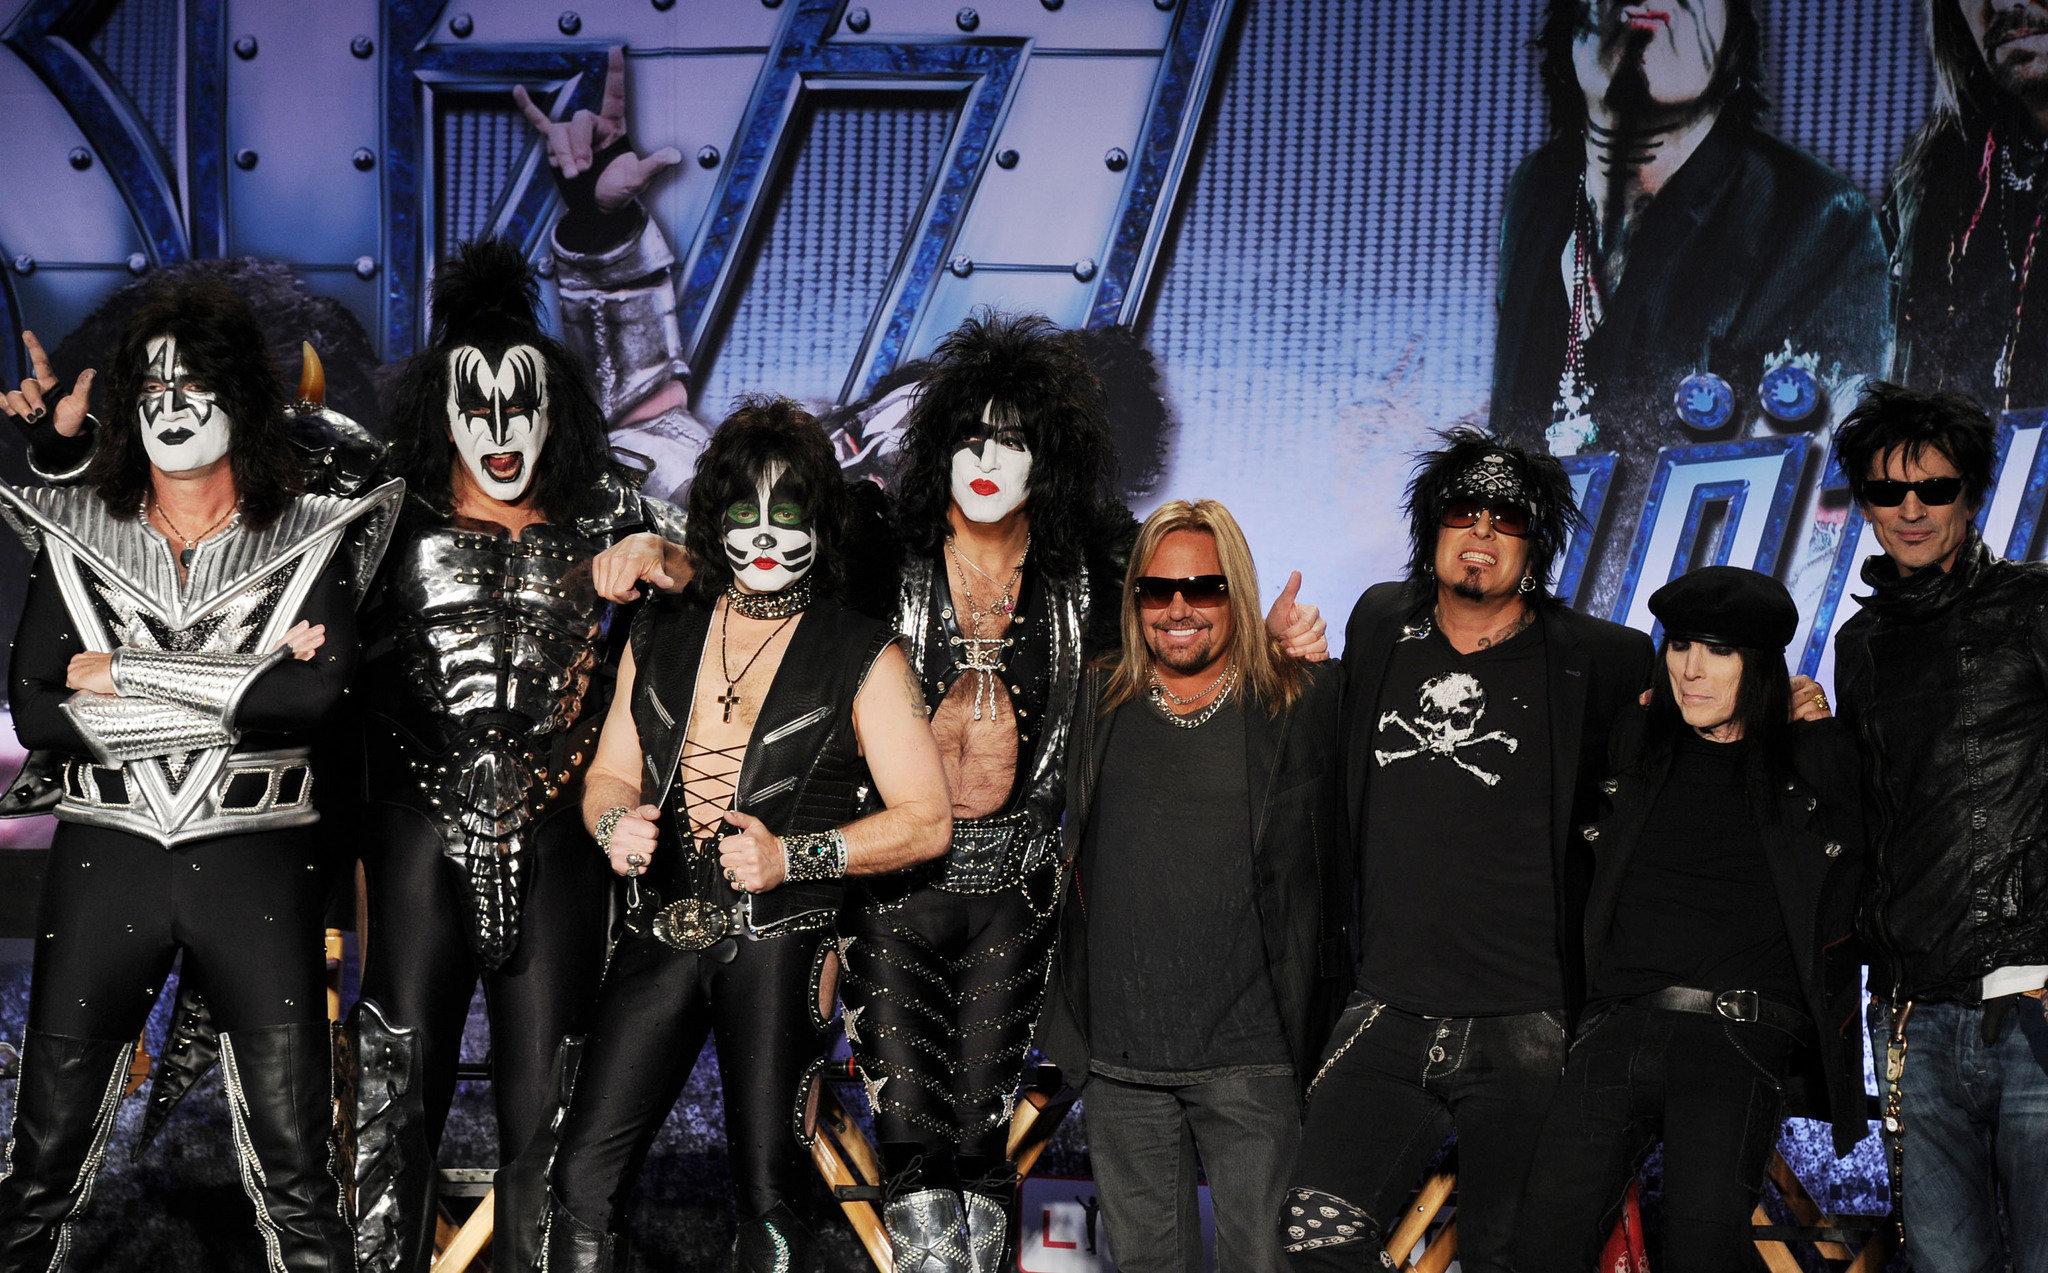 Motley Crue KISS concert heavy metal rock wallpaper background 2048x1273